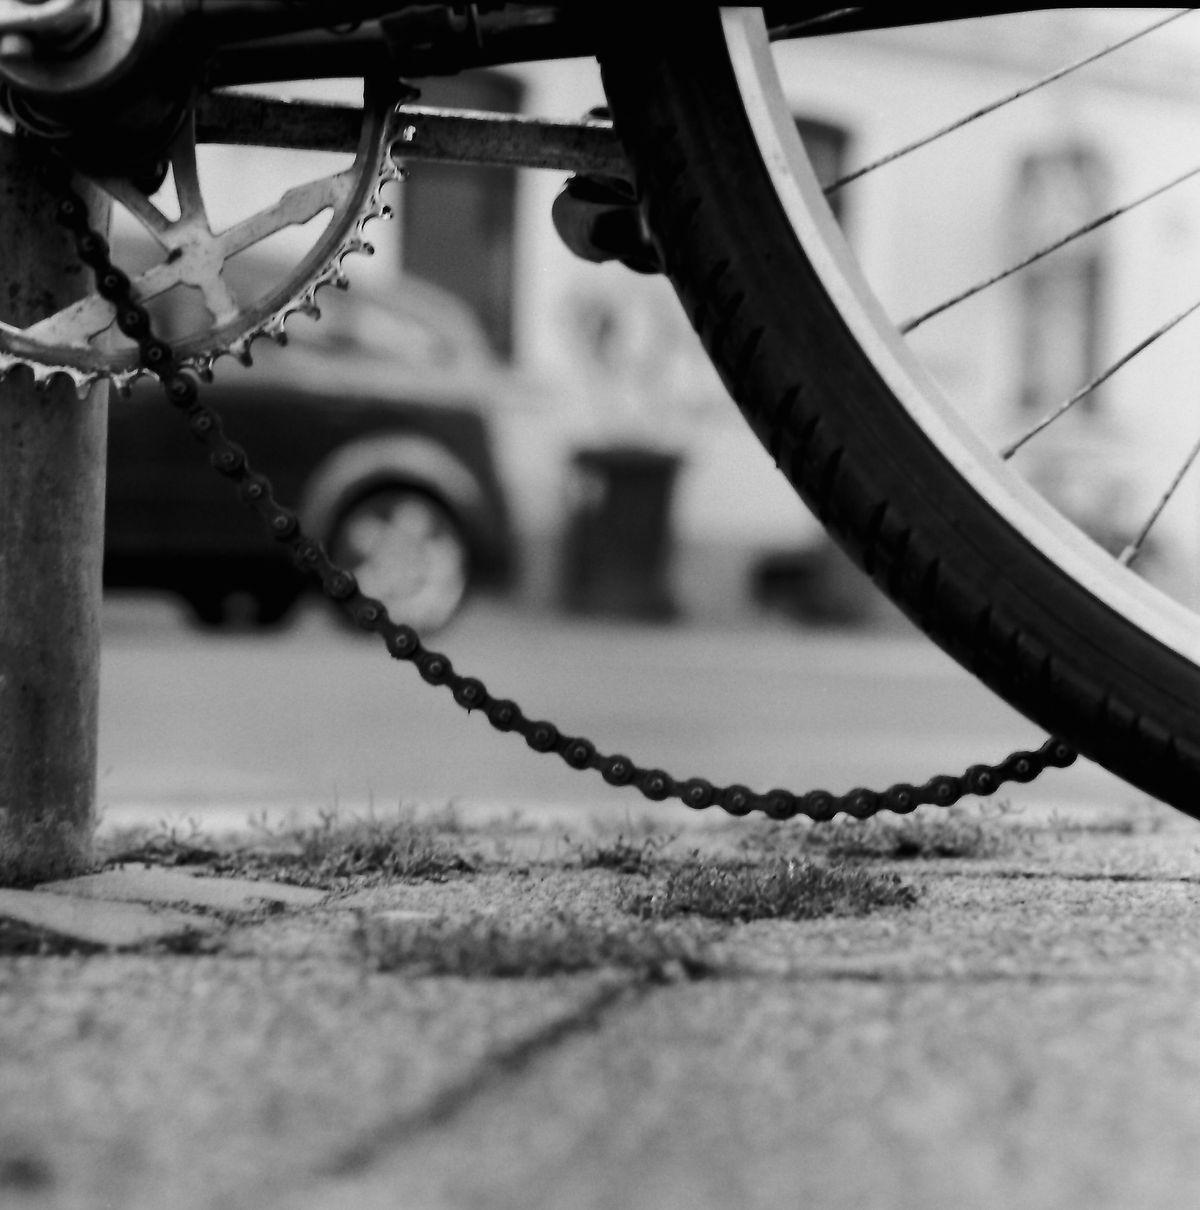 Jede Menge Fahrräder